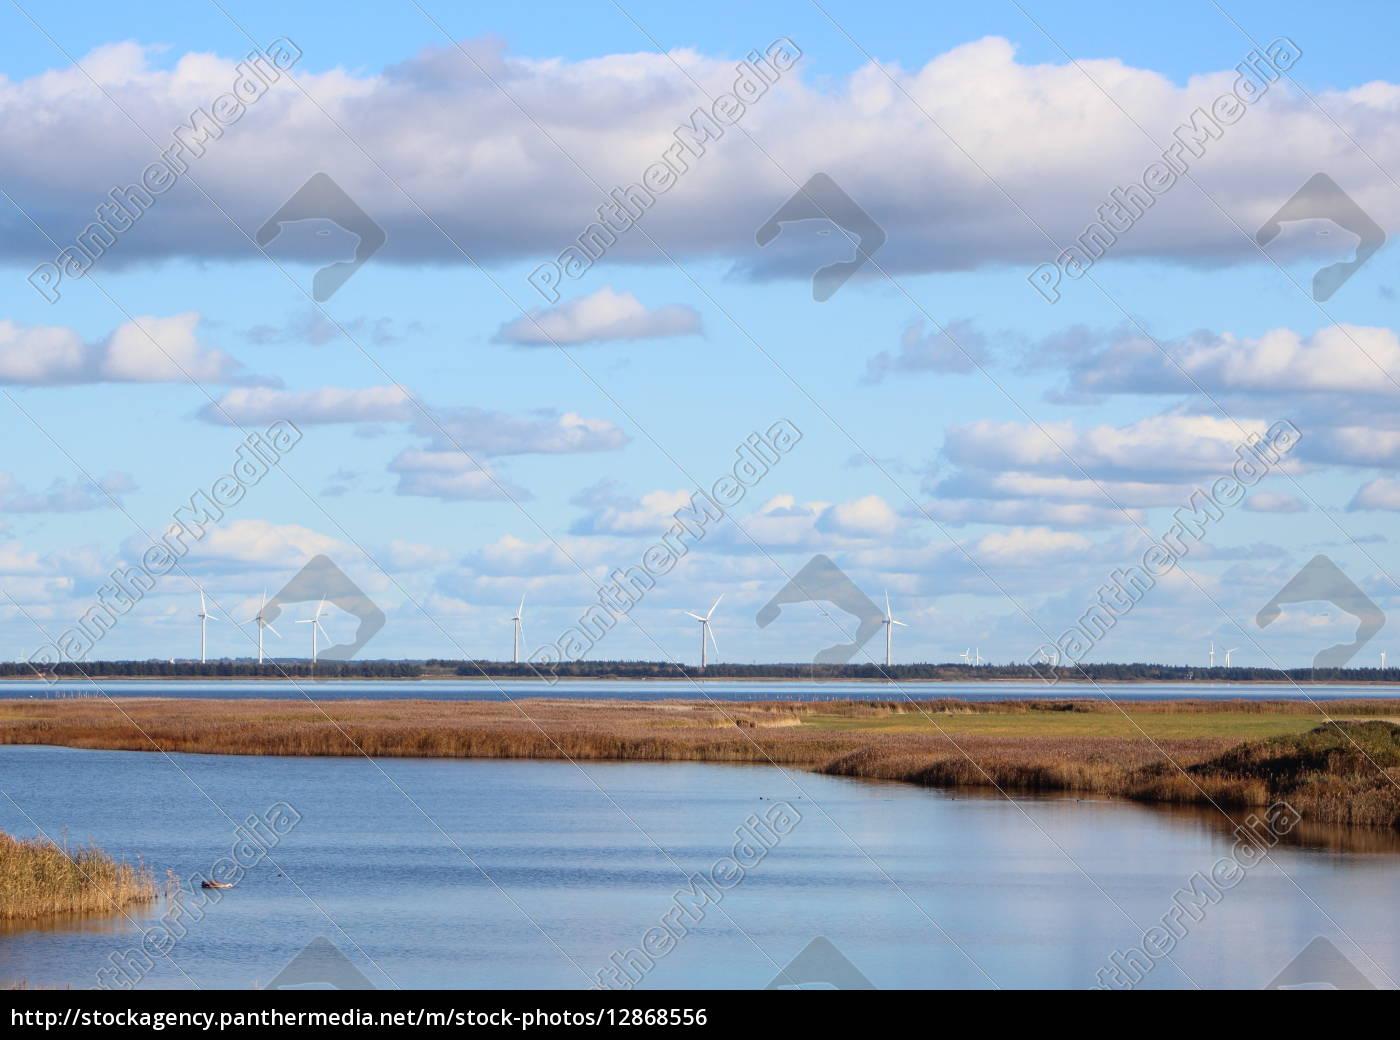 dänischer, fjord, mit, windmühlen, am, horizont - 12868556